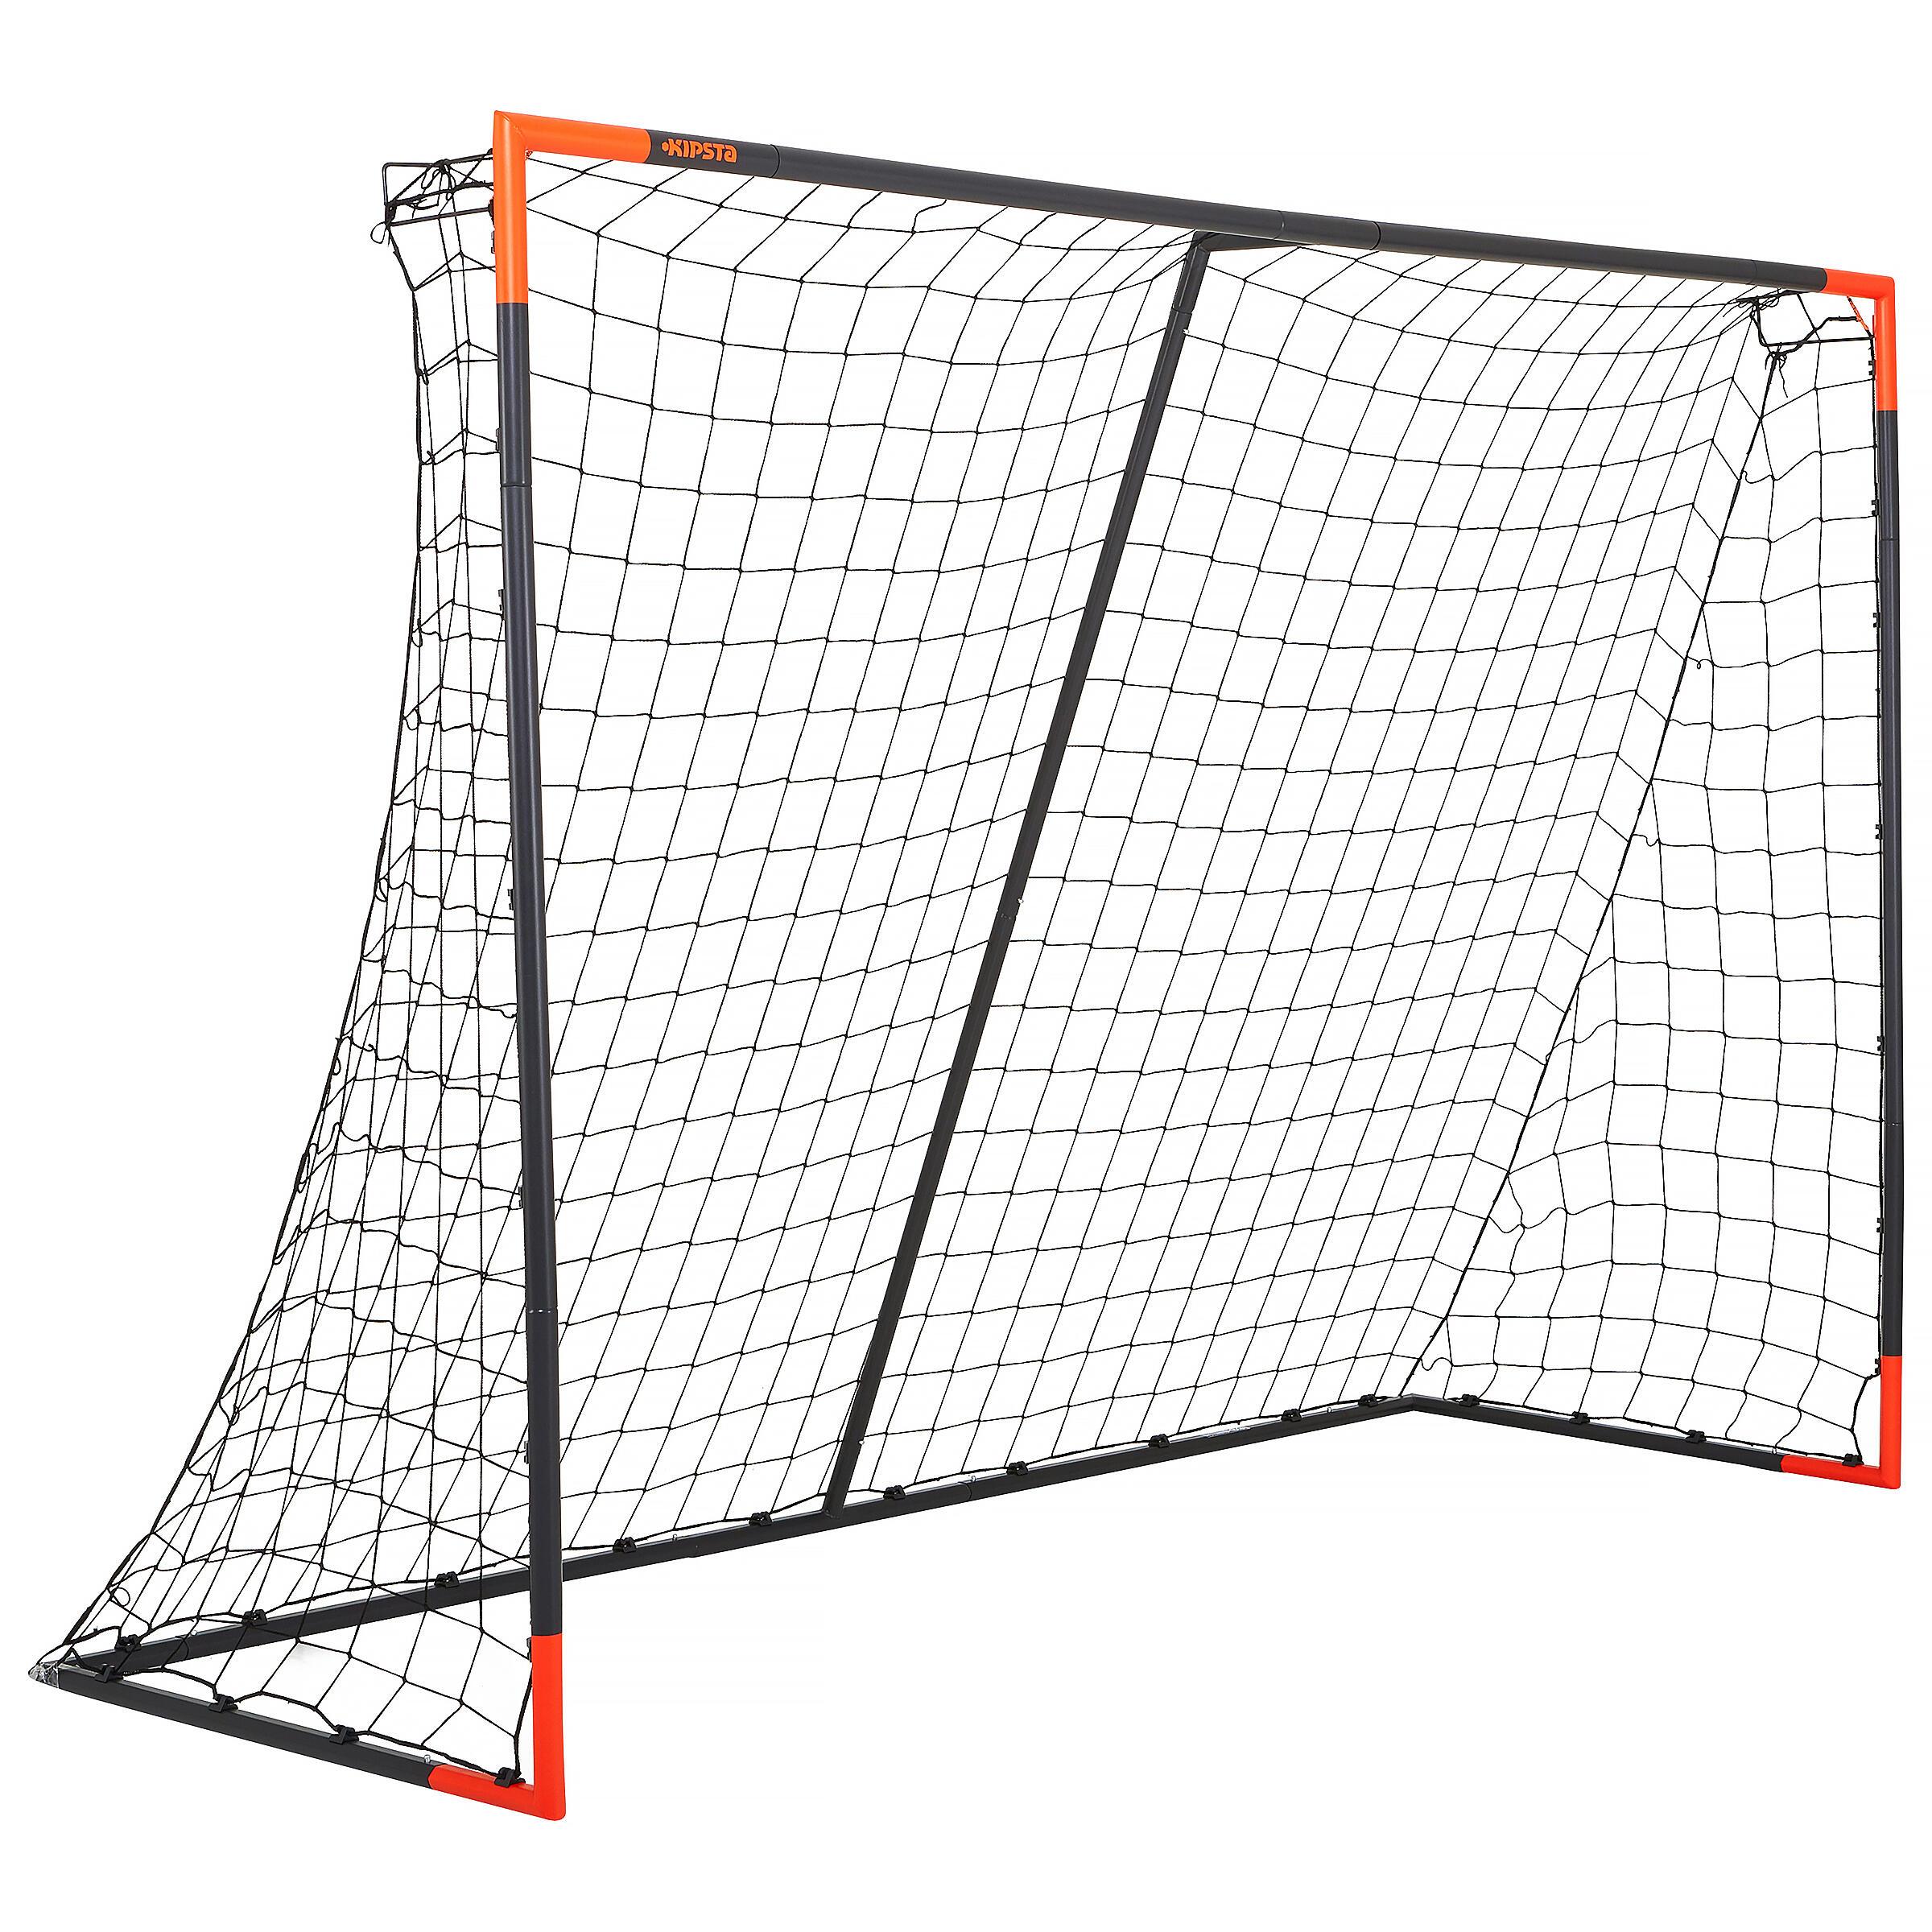 Football Goal Post Size L Fgo 500 Grey Orange Decathlonb2b